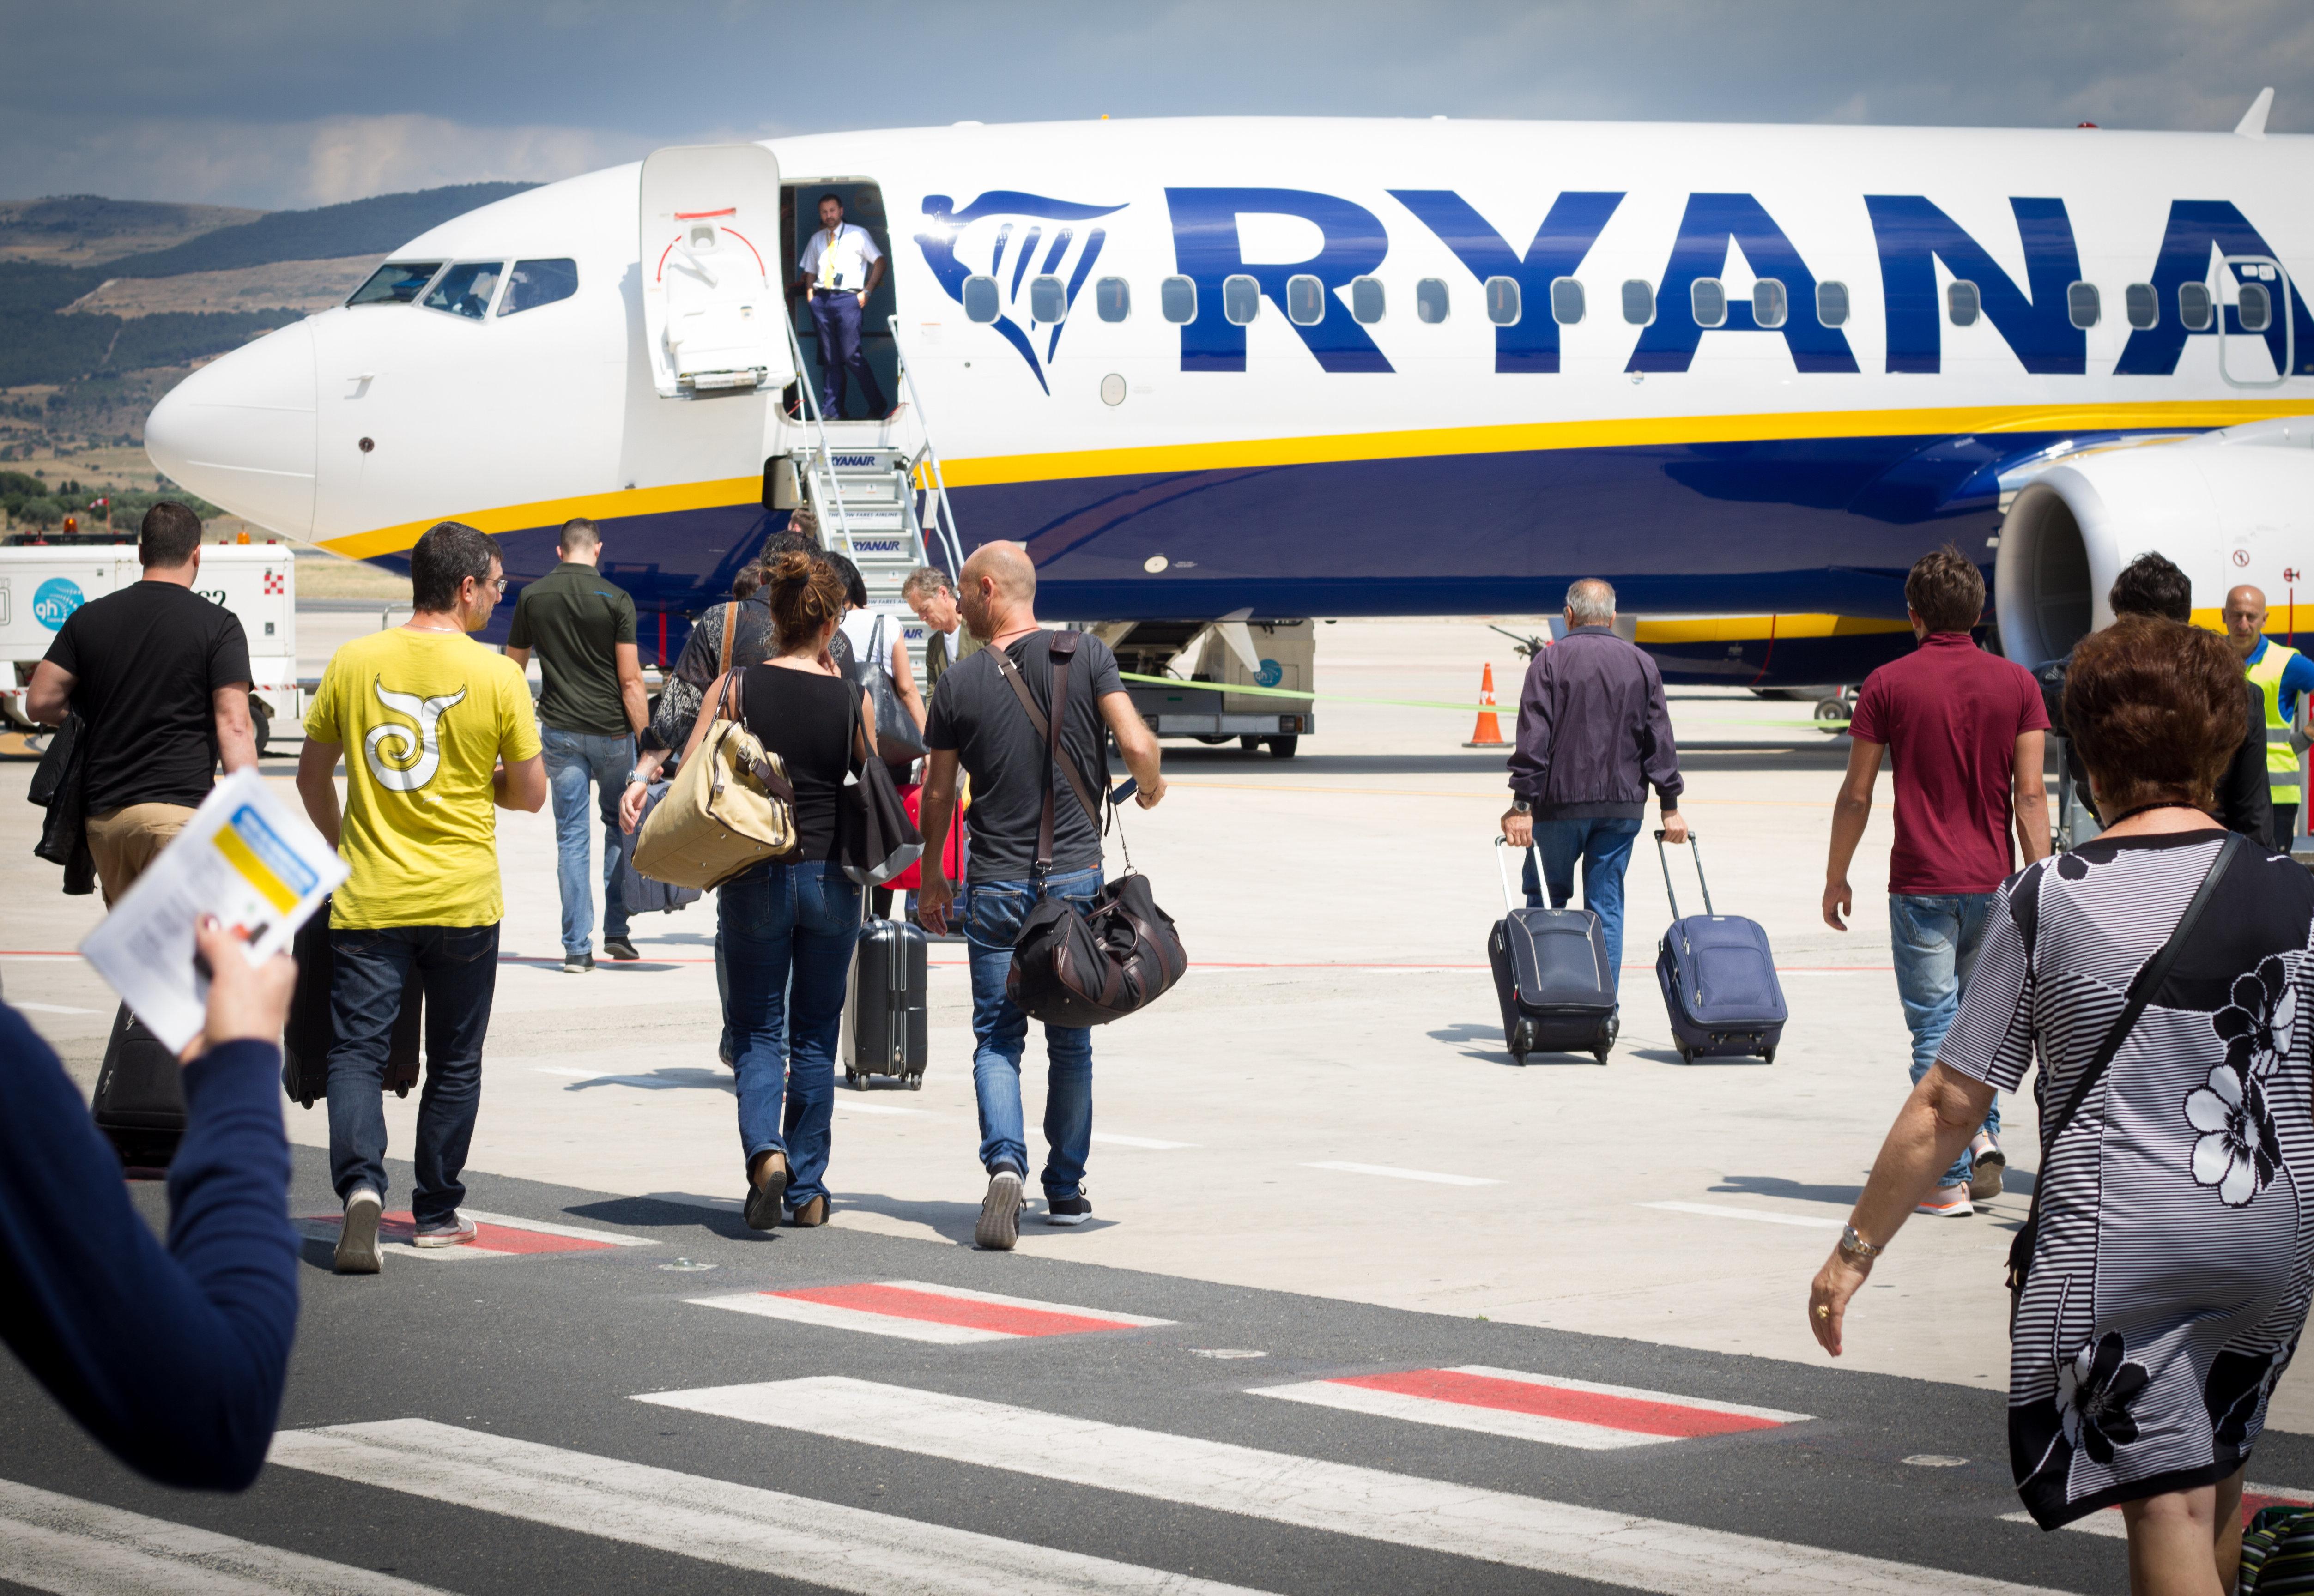 JannHuizenga via Getty Images               Ein Mann hat knapp seinen Flug verpasst – doch das ist für ihn kein Grund zum Verzweifeln